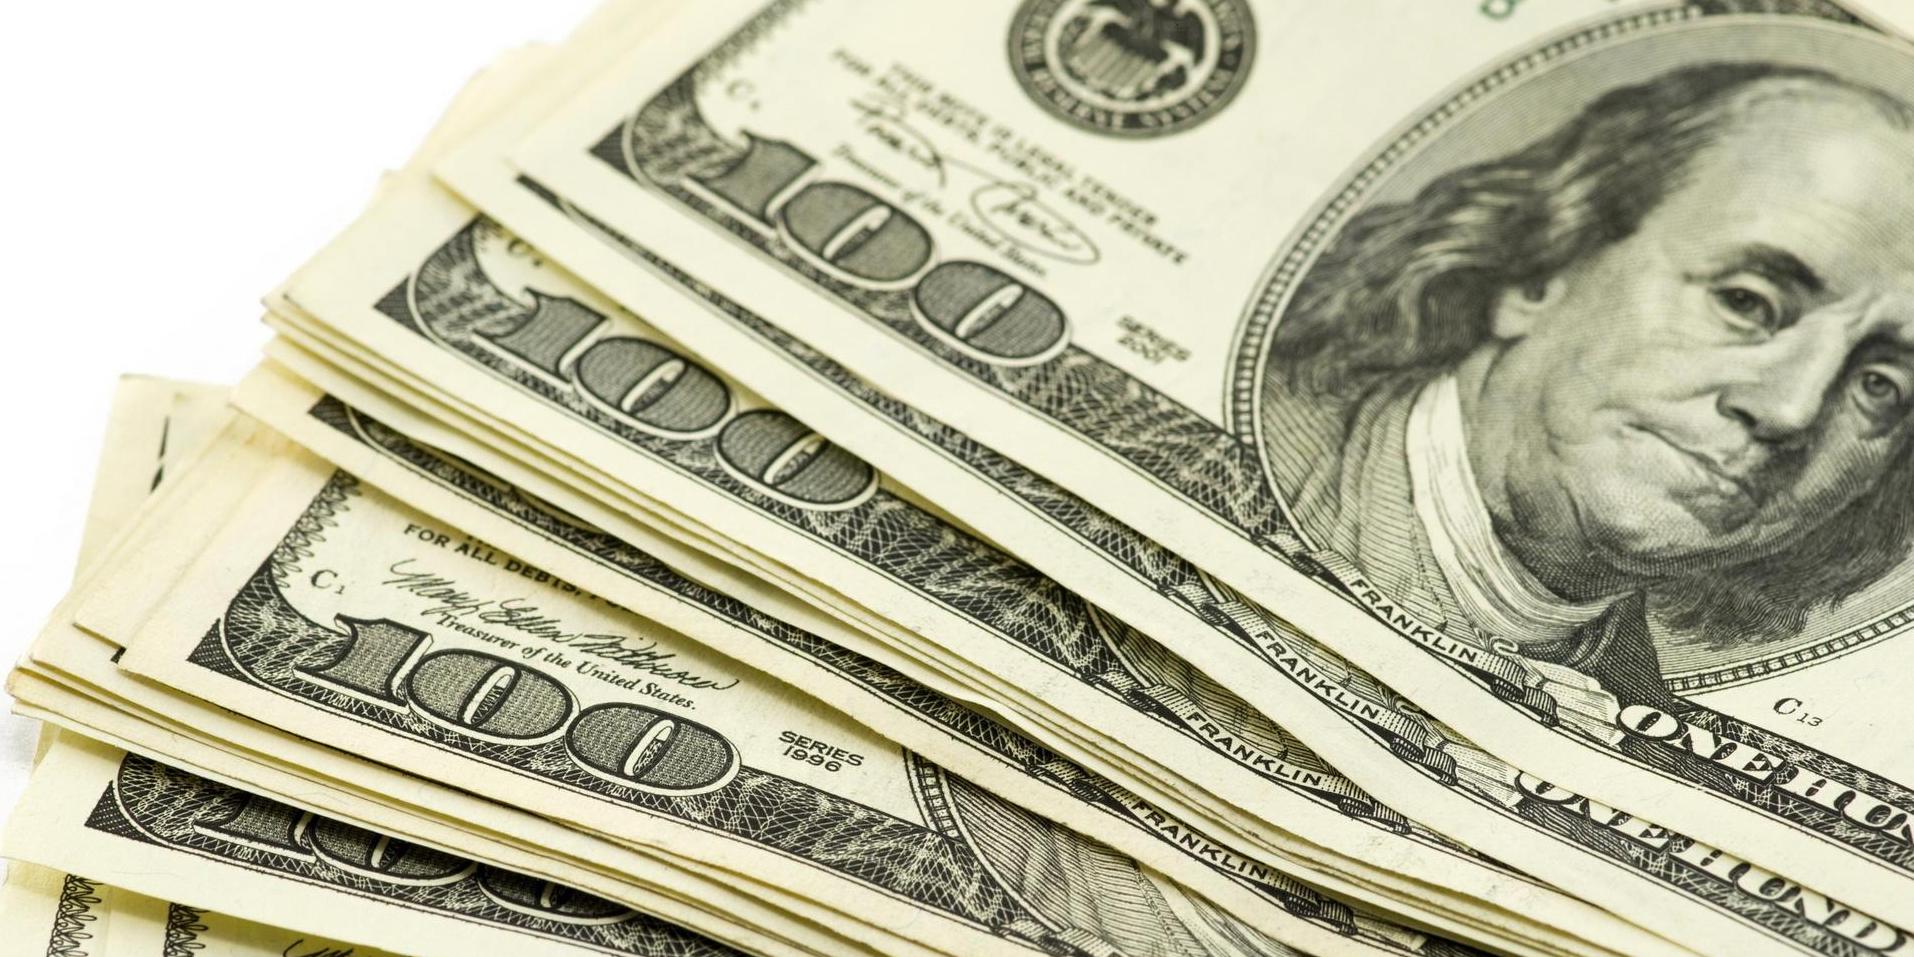 سرمایه ایرانیان خارج از کشور بیش از هزار میلیارد دلار است